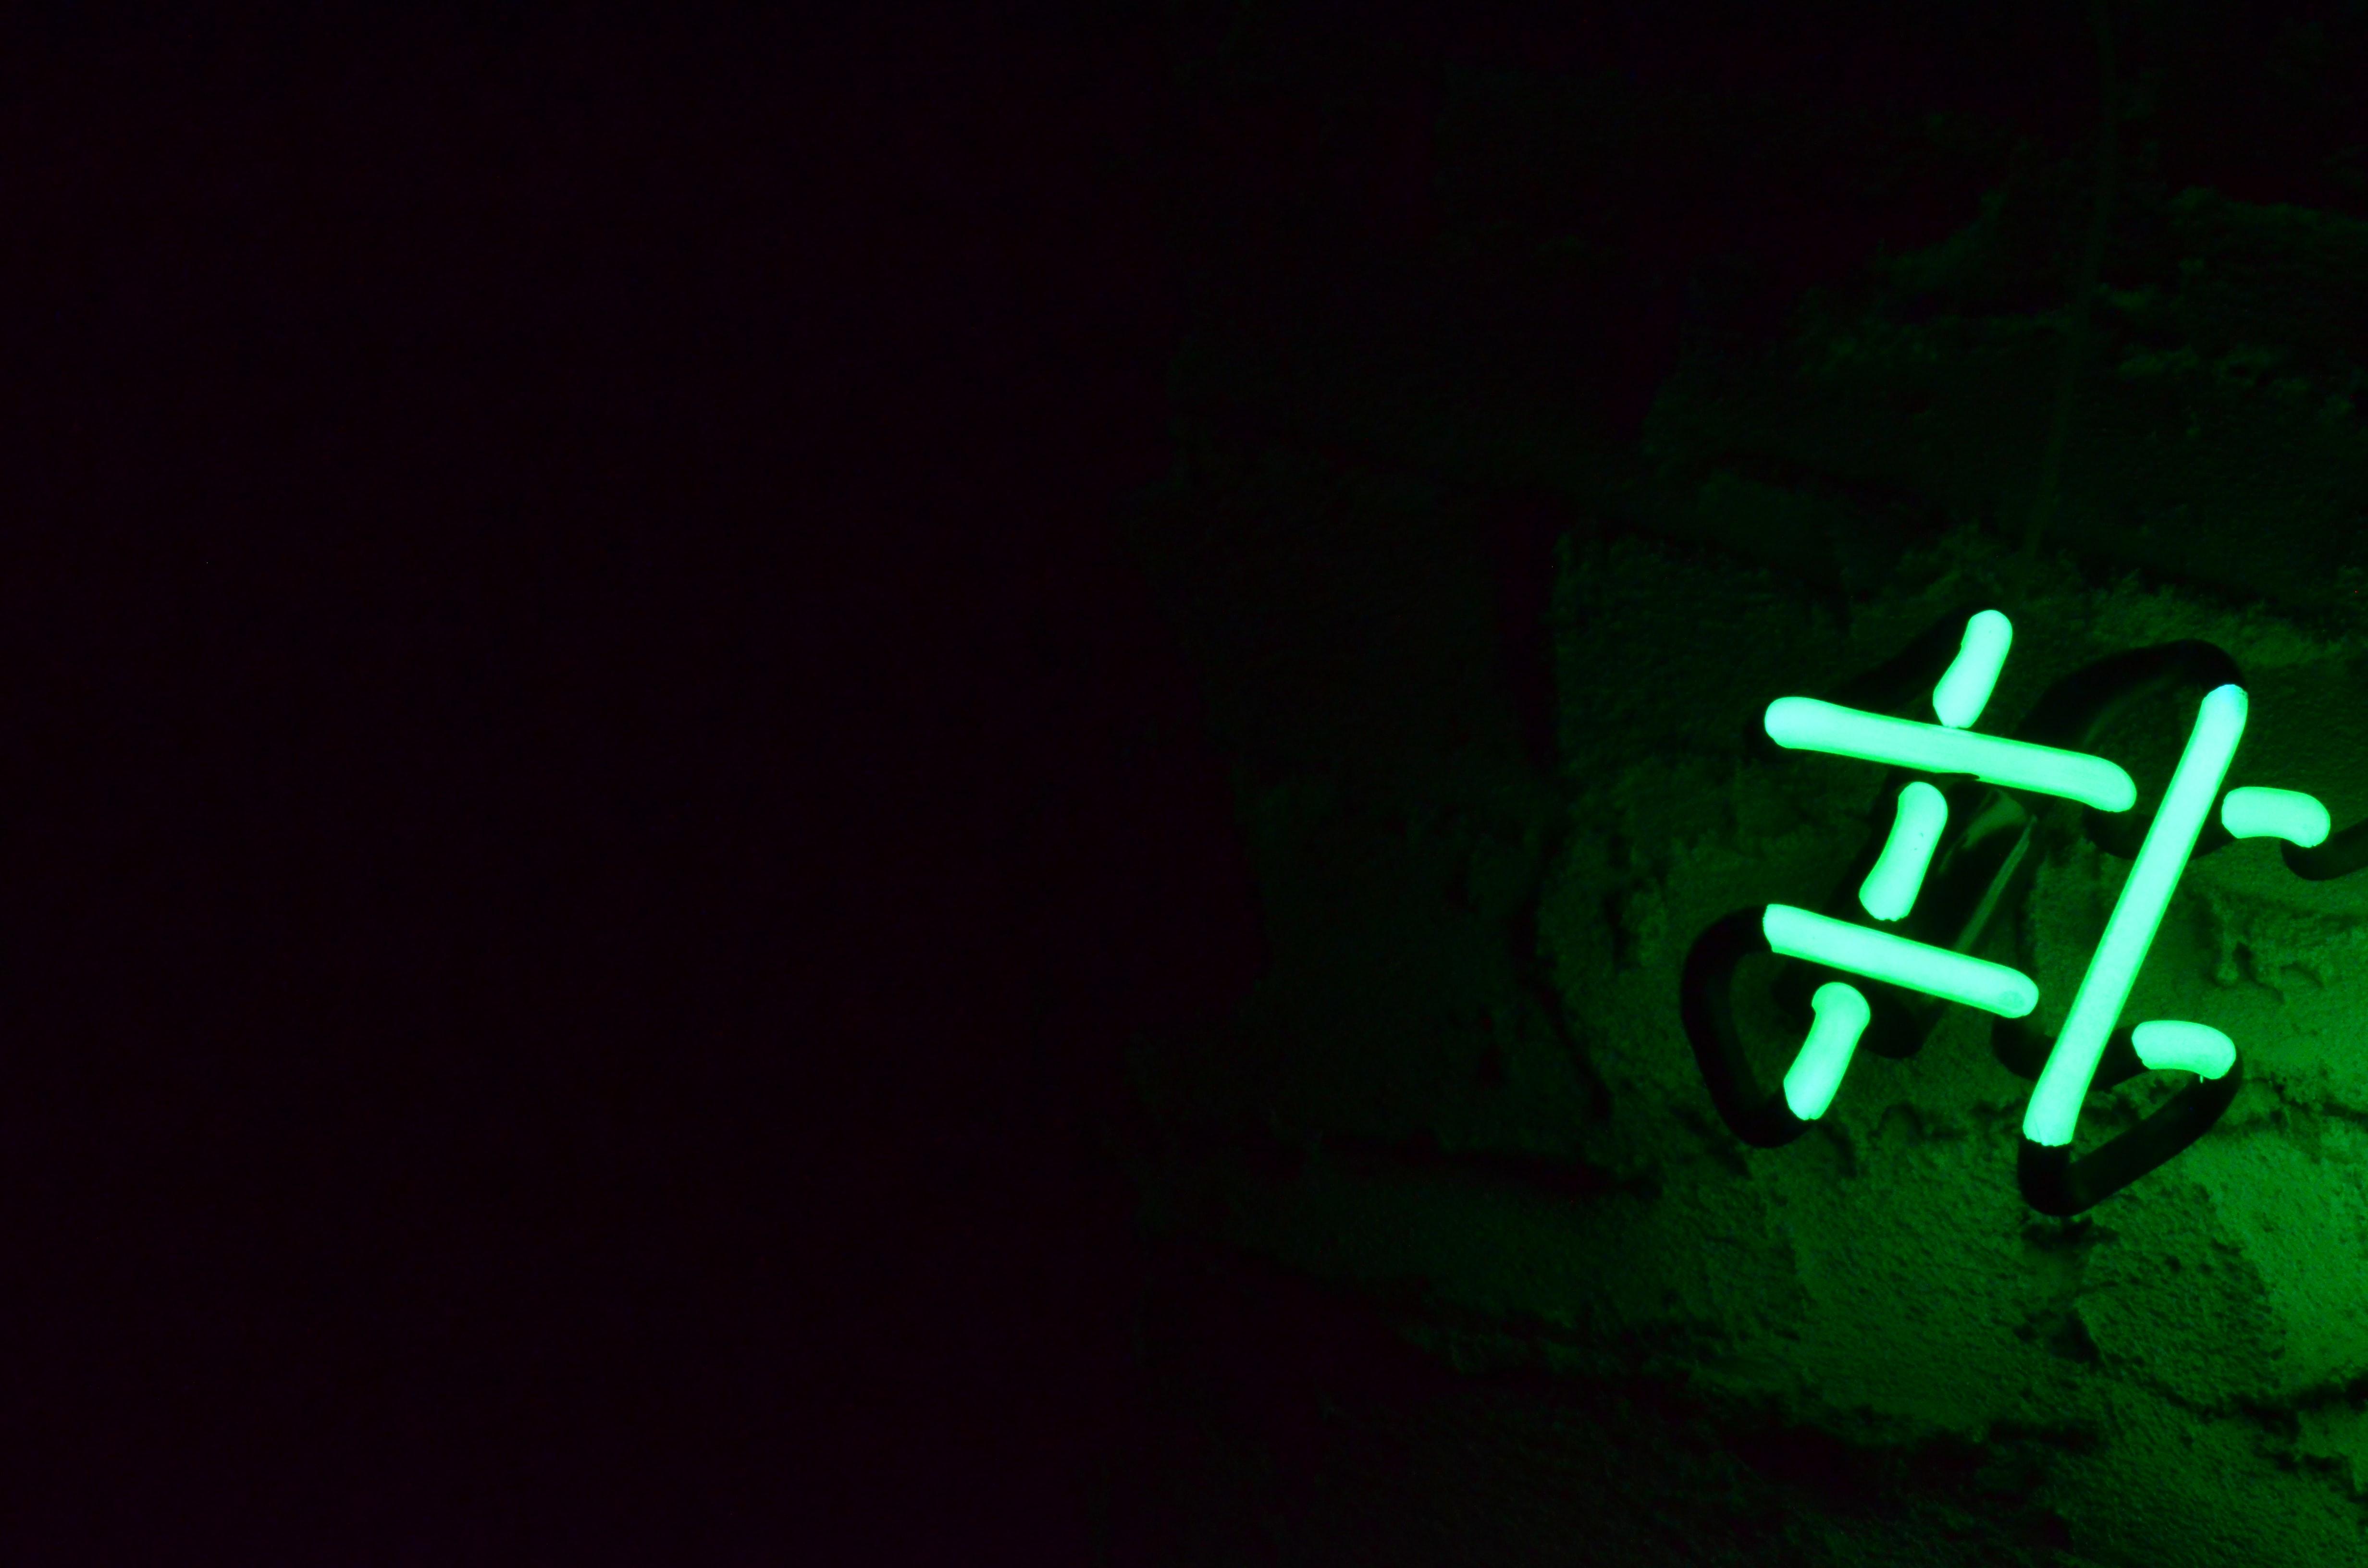 72534 Заставки и Обои Темные на телефон. Скачать Темные, Темный, Неон, Подсветка, Свечение картинки бесплатно